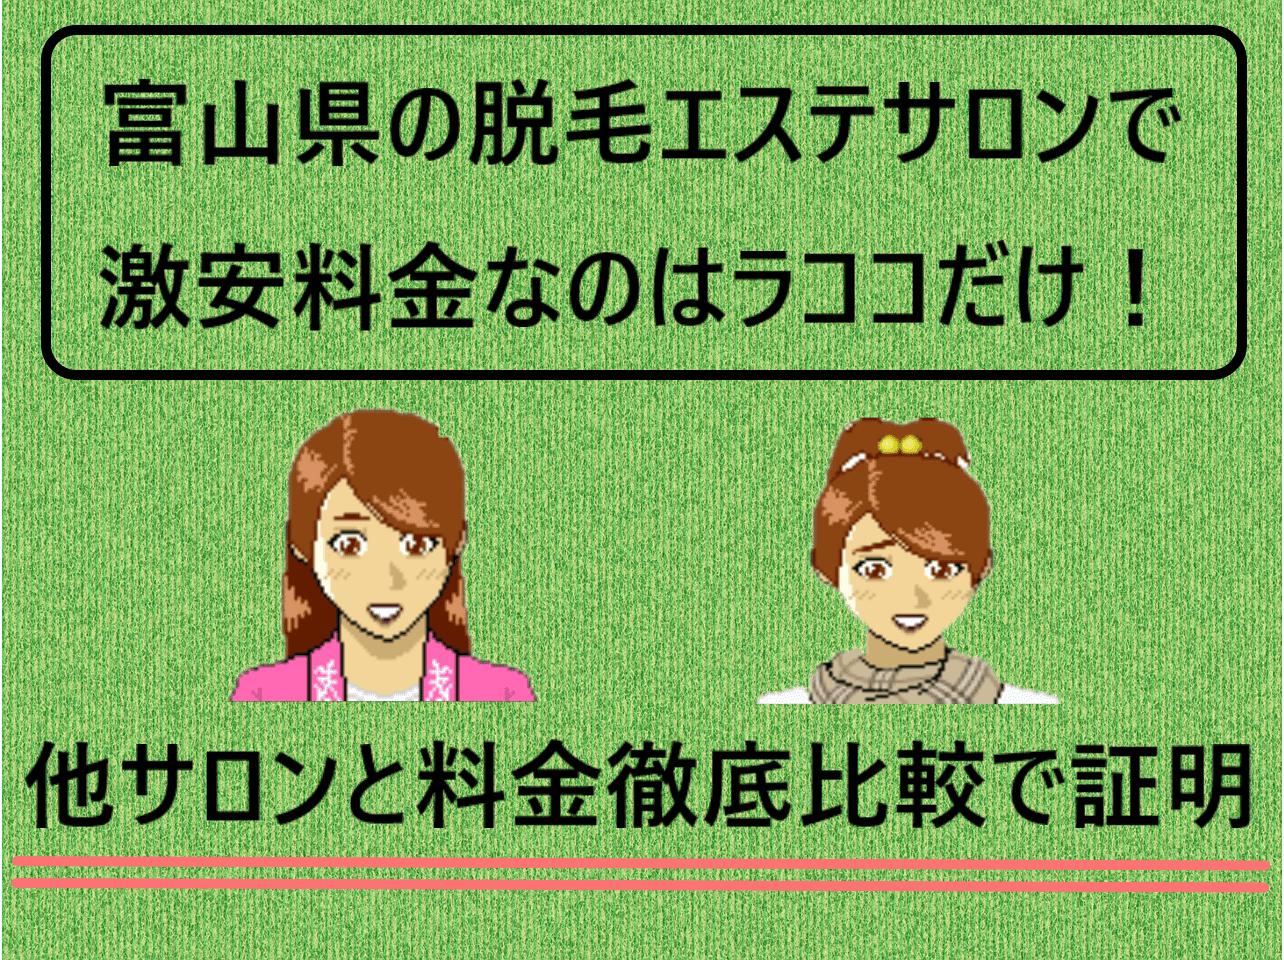 富山県の脱毛エステサロンで激安料金なのはラココ!他サロンと料金徹底比較で証明と書かれた画像